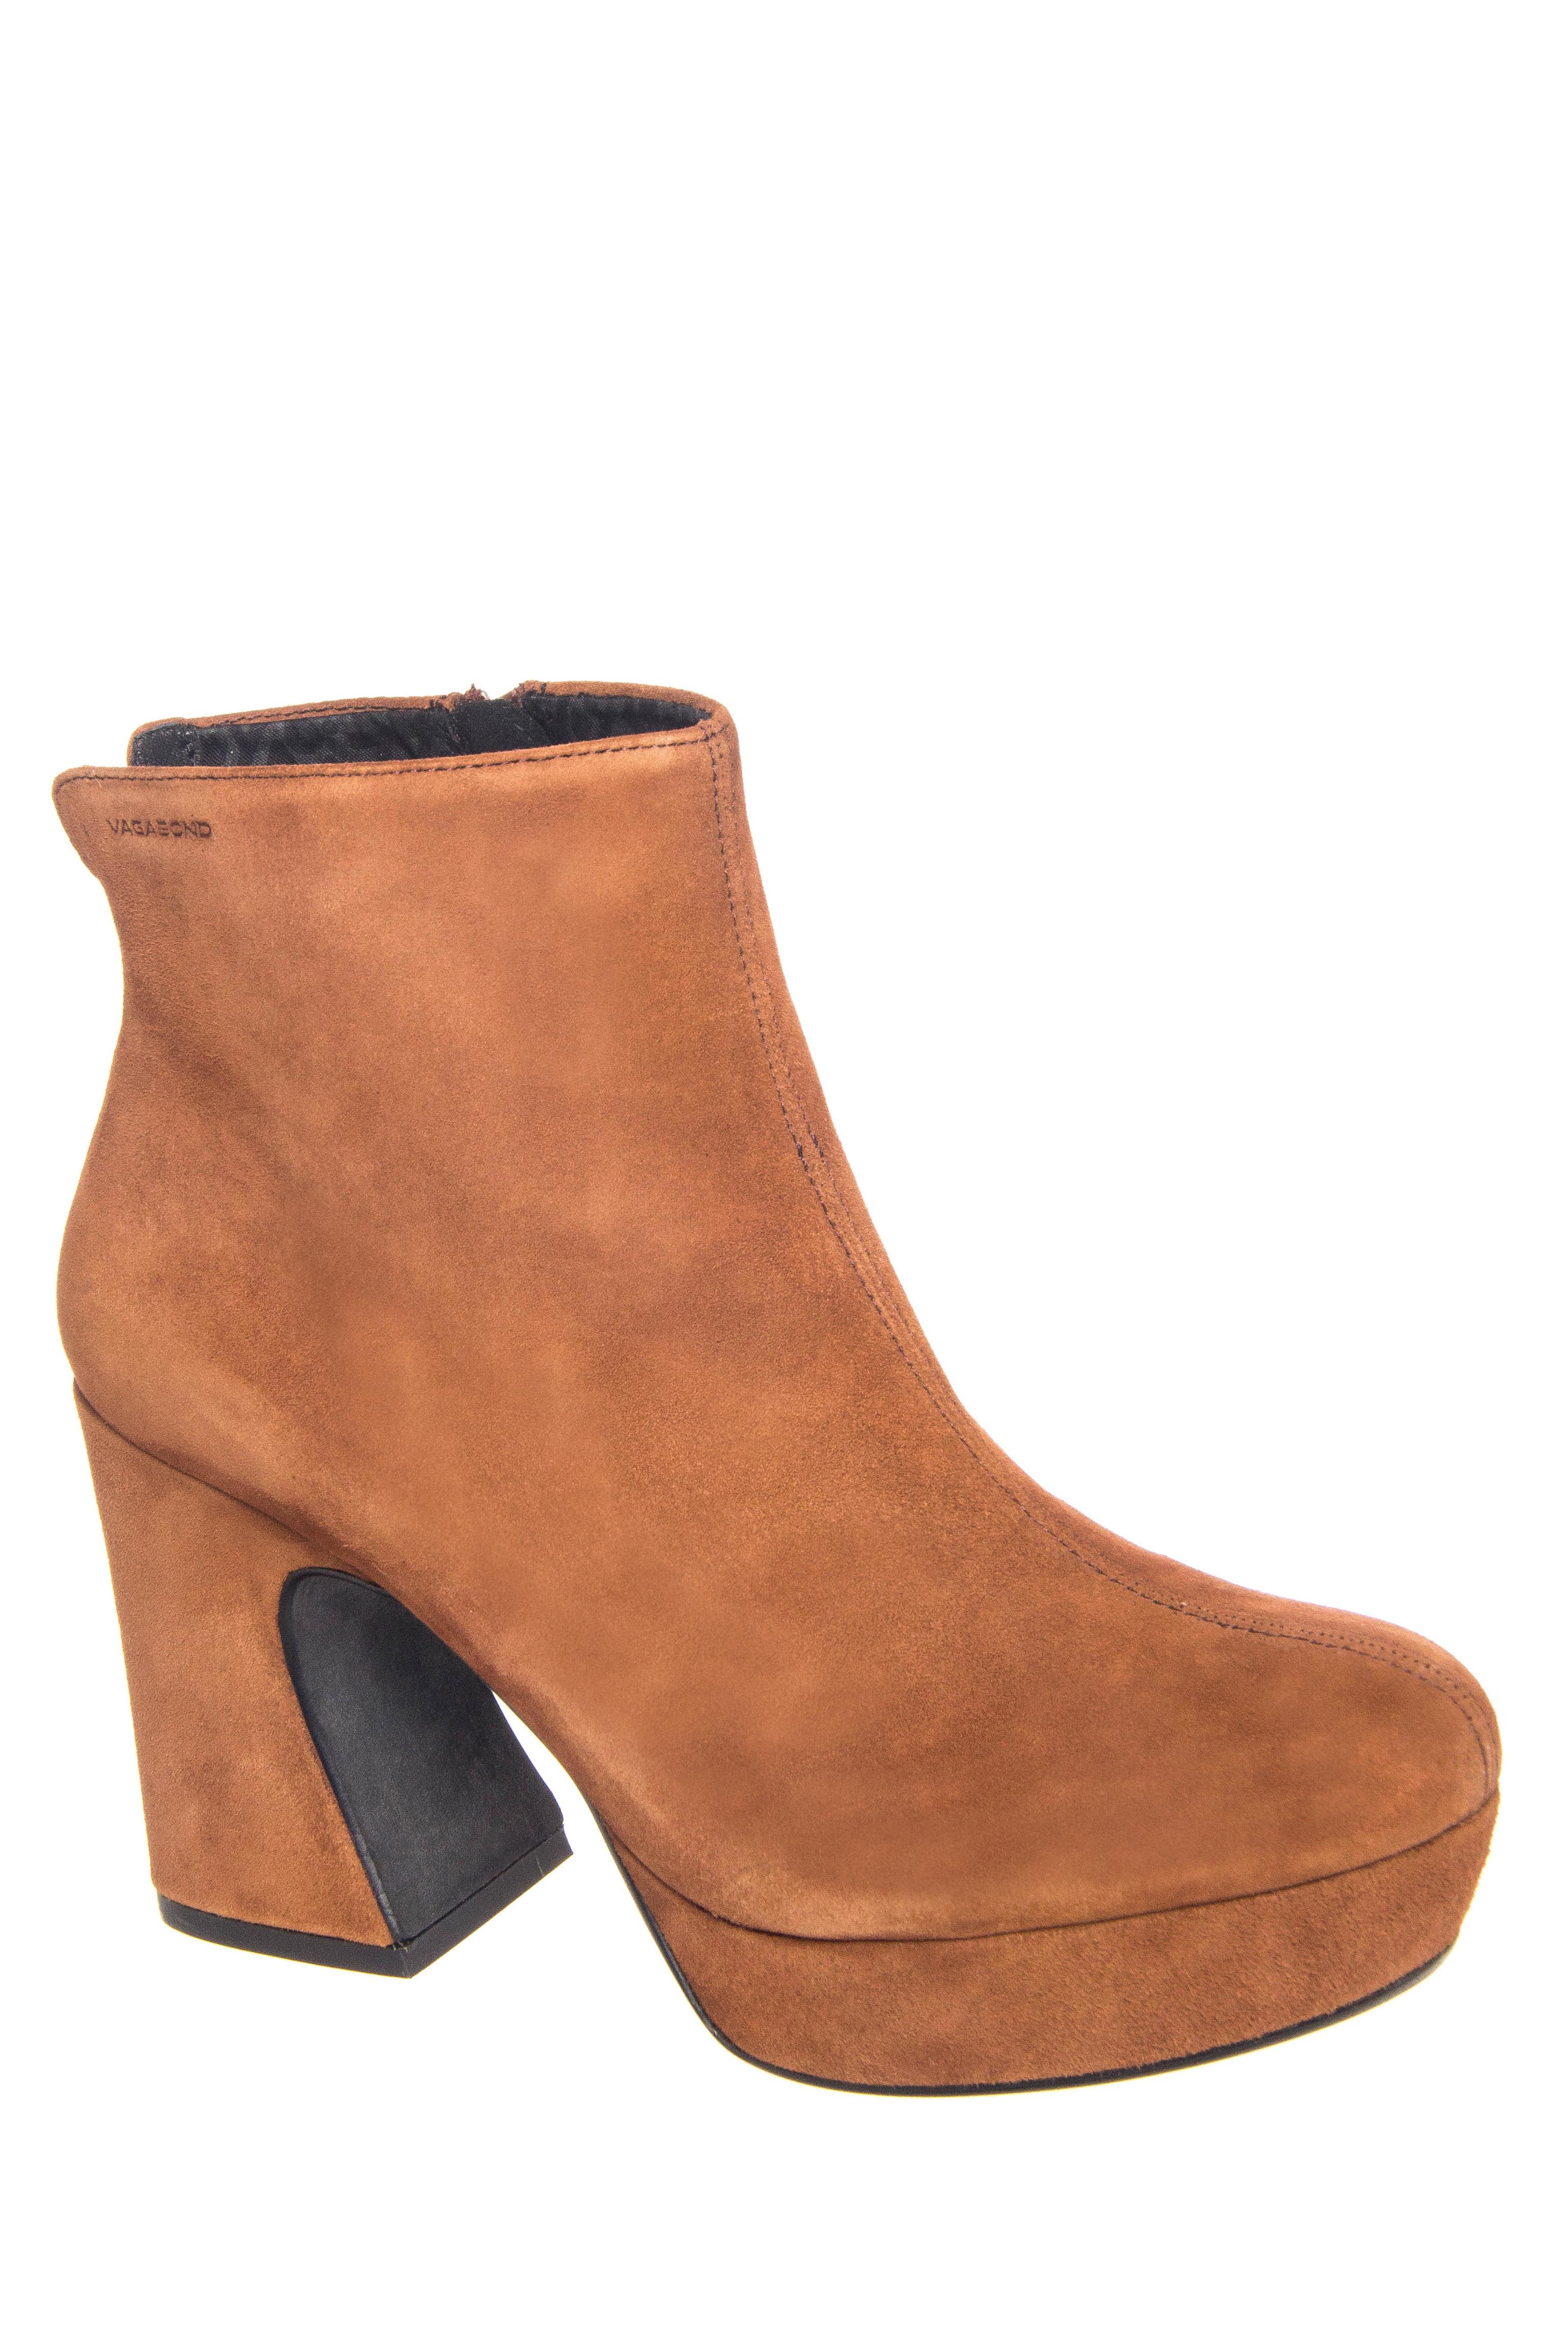 Vagabond Tereza Mid Heel Platform Booties - Hazel